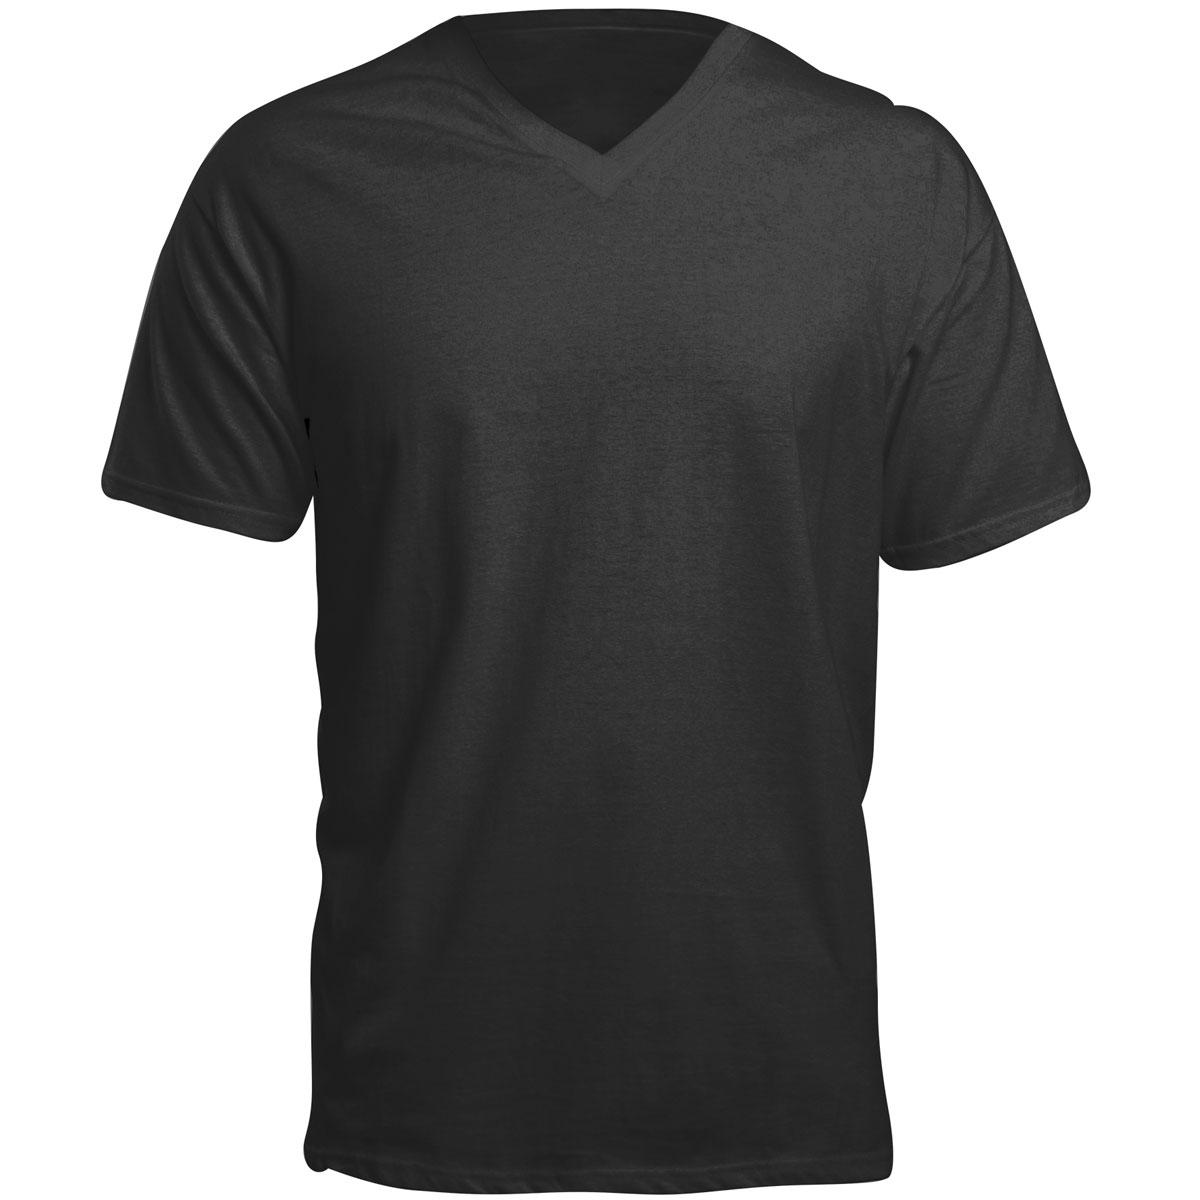 吸汗速乾半袖インナーシャツ